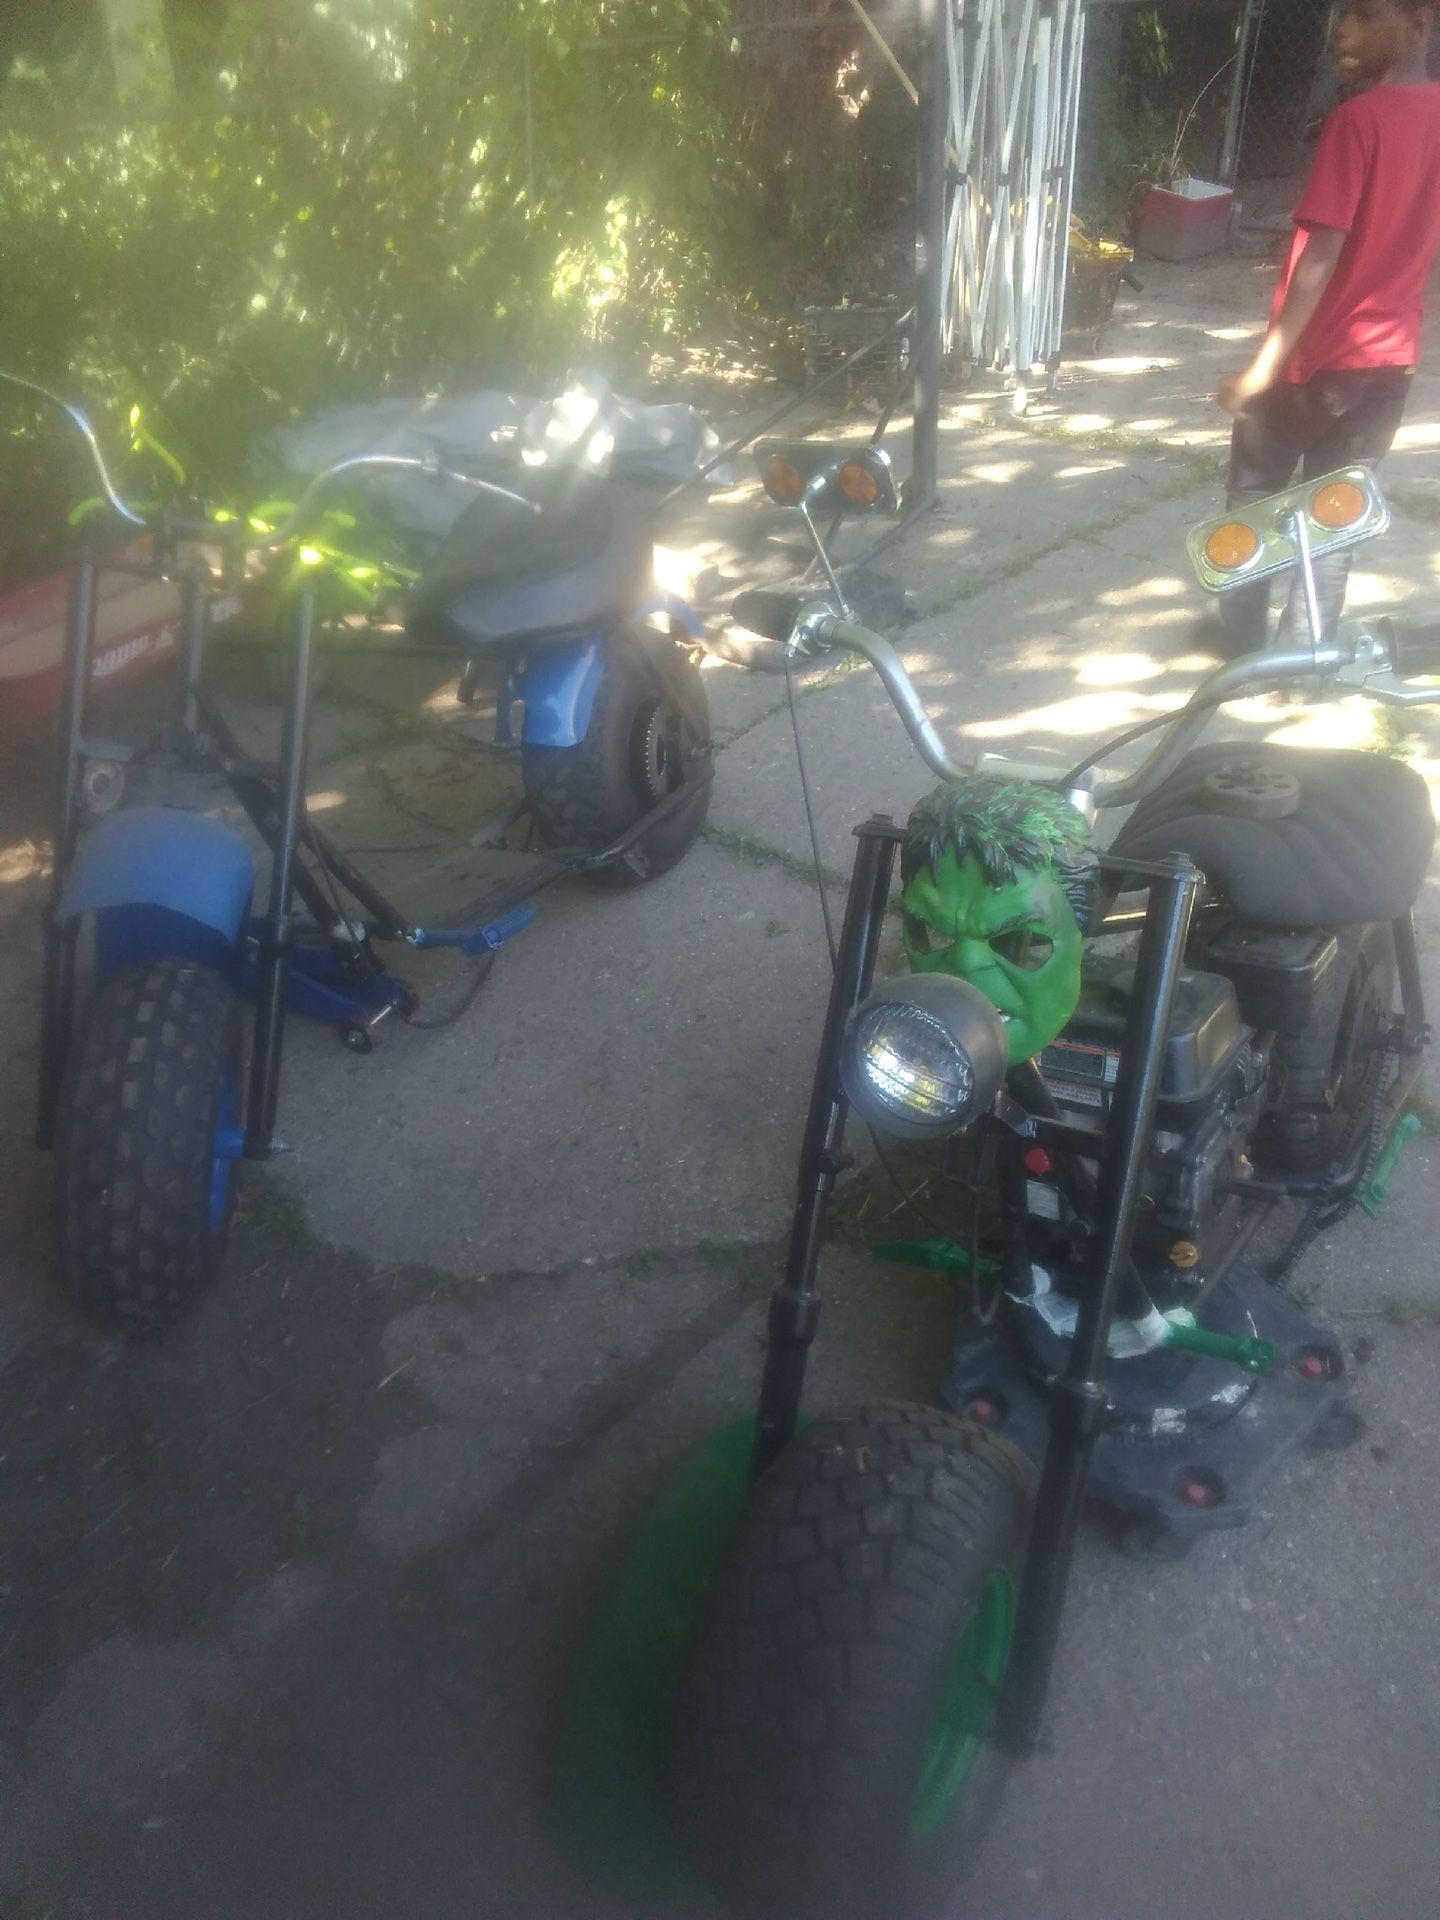 Bajas rollers 300 each